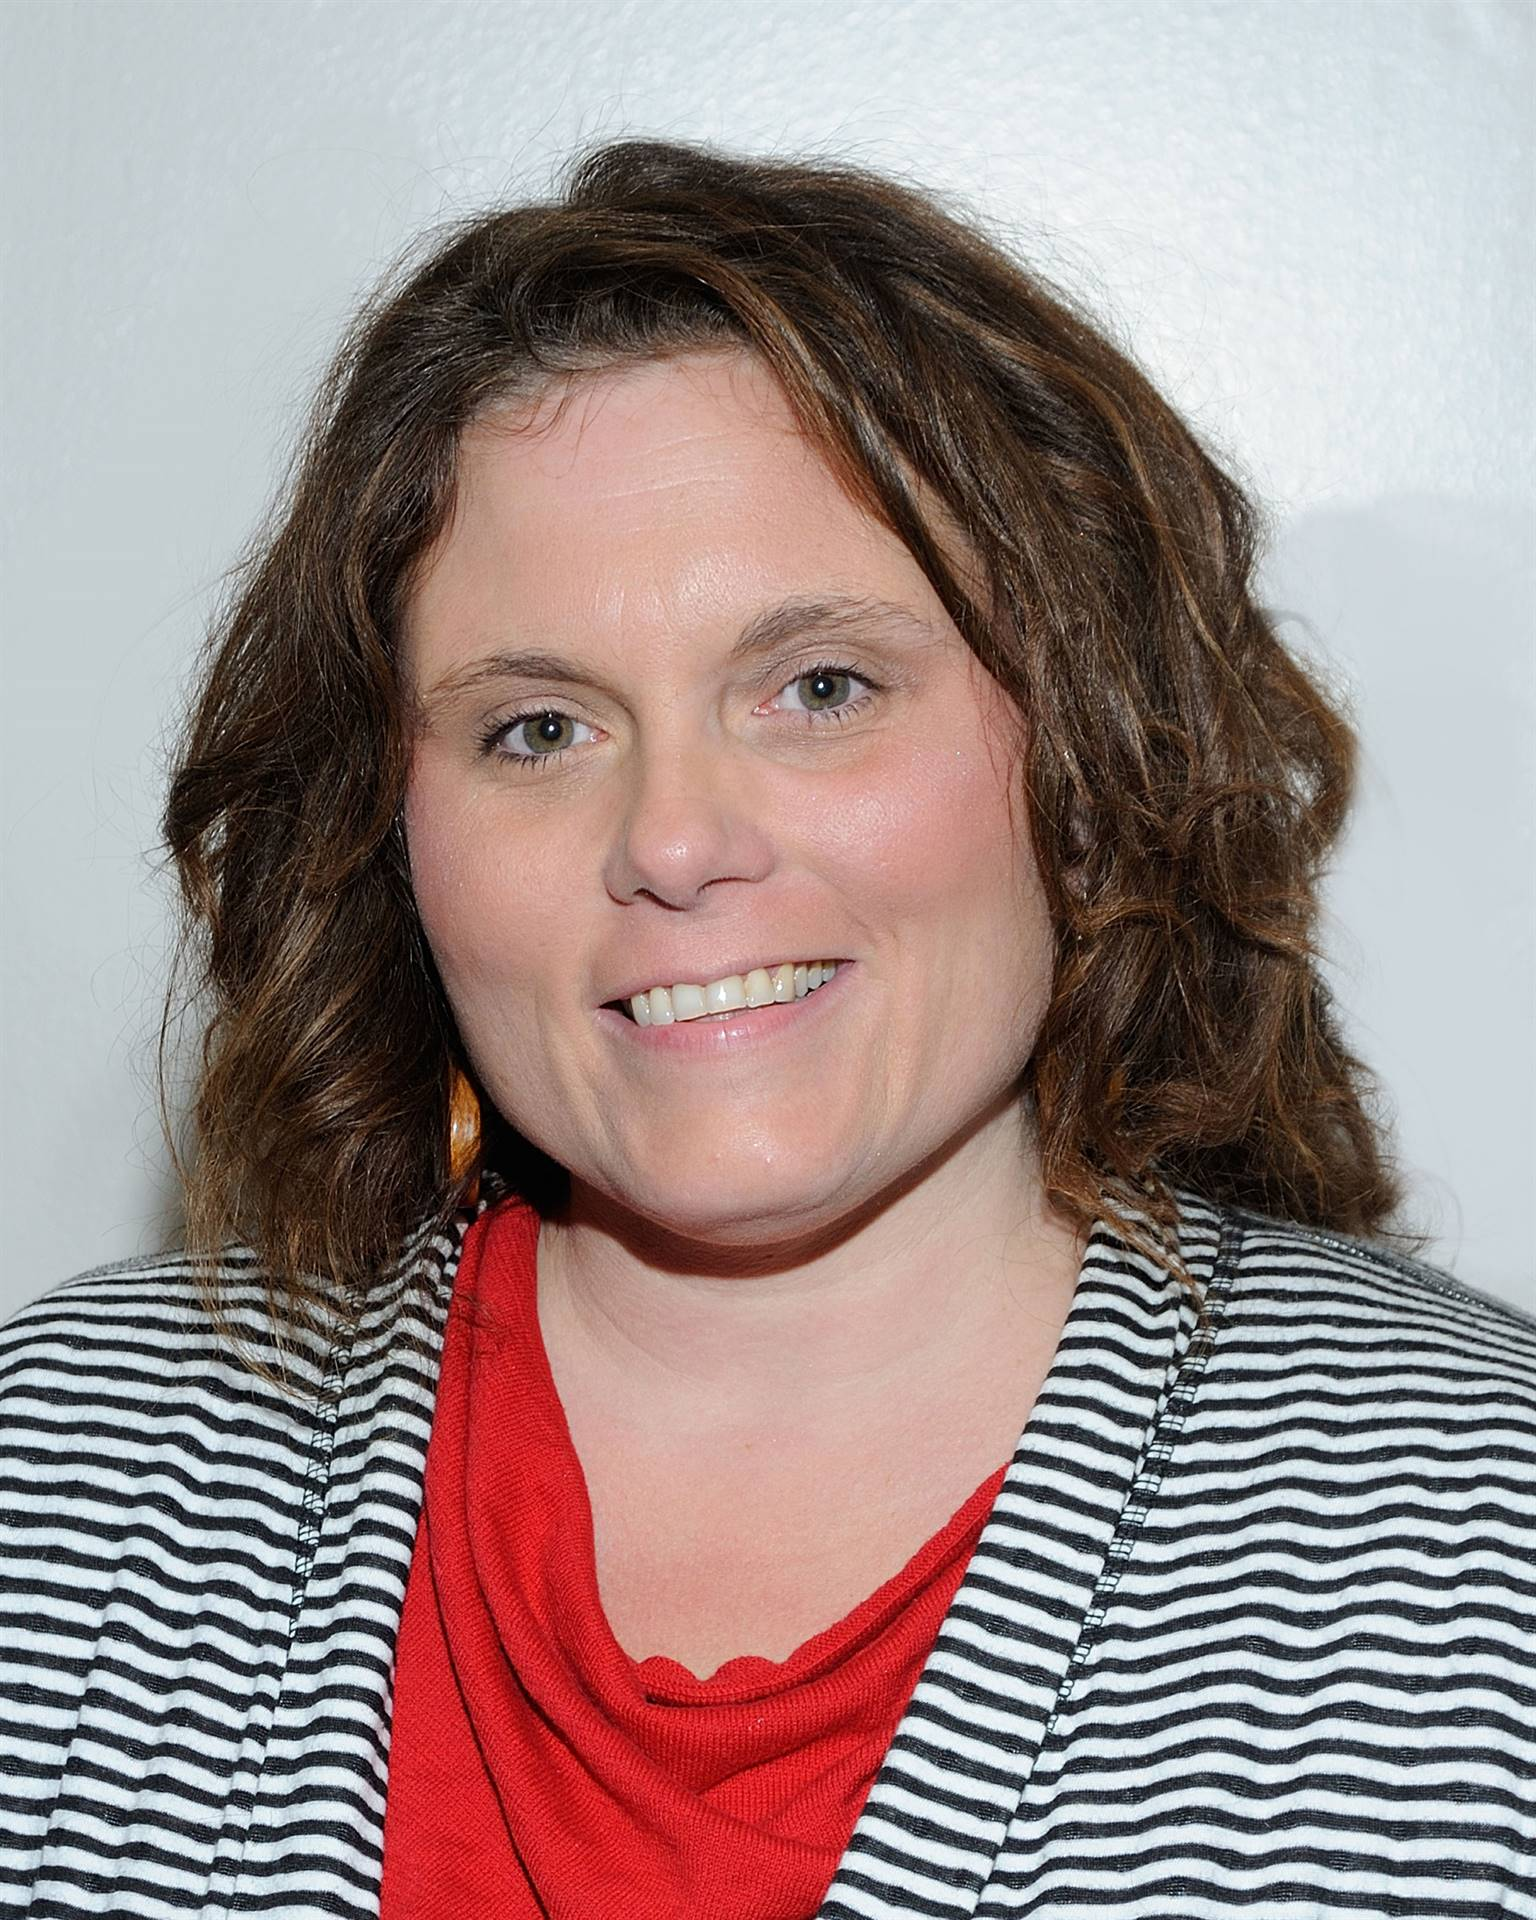 Rachael Rennebeck